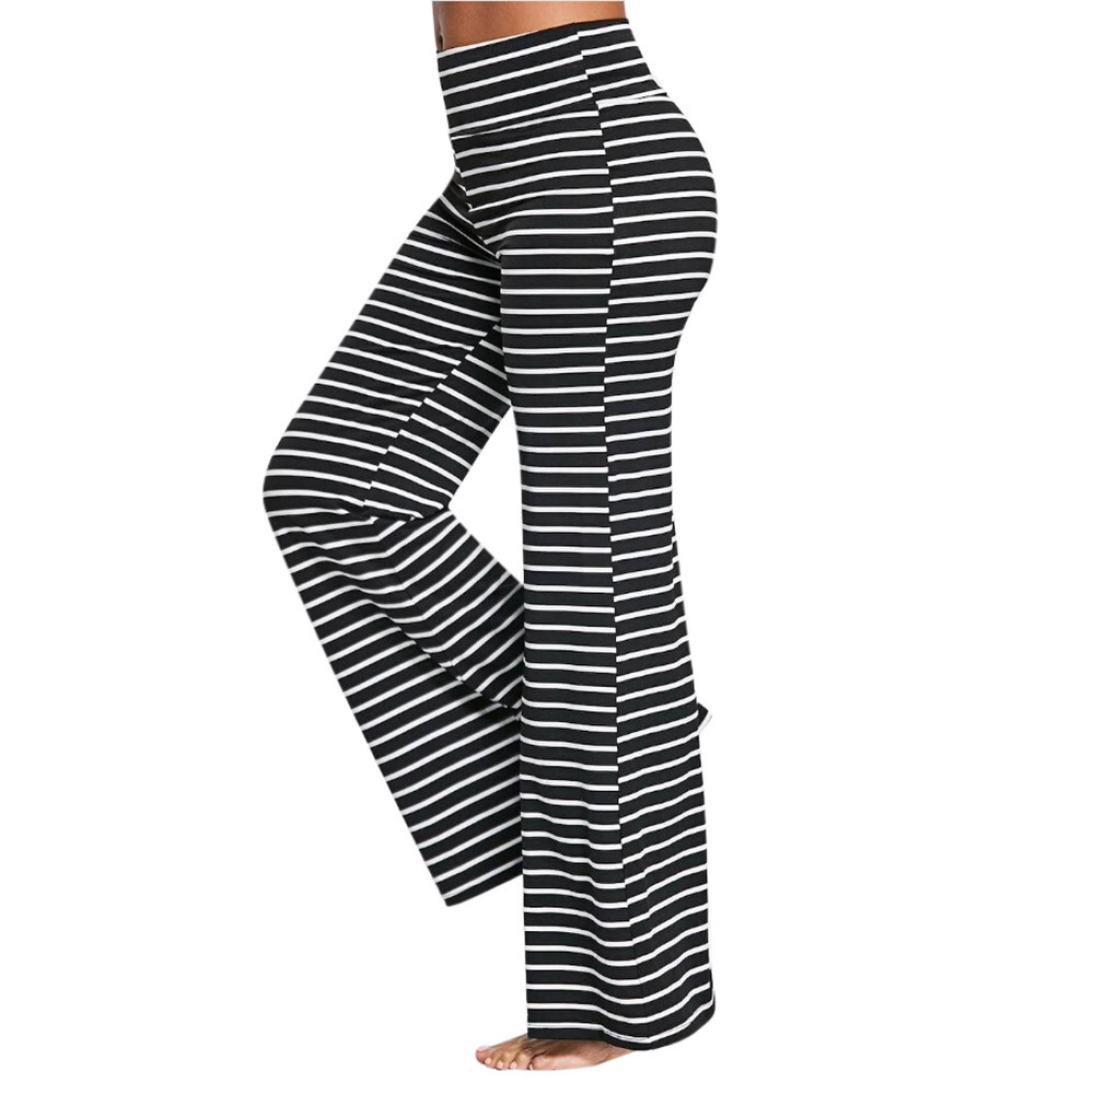 cfb17a9a3ab7b ????????wide leg pants drawstring wide leg pants juniors wide leg pants set  women palazzo pants women plus size wide leg pants high waisted wide leg  pants ...